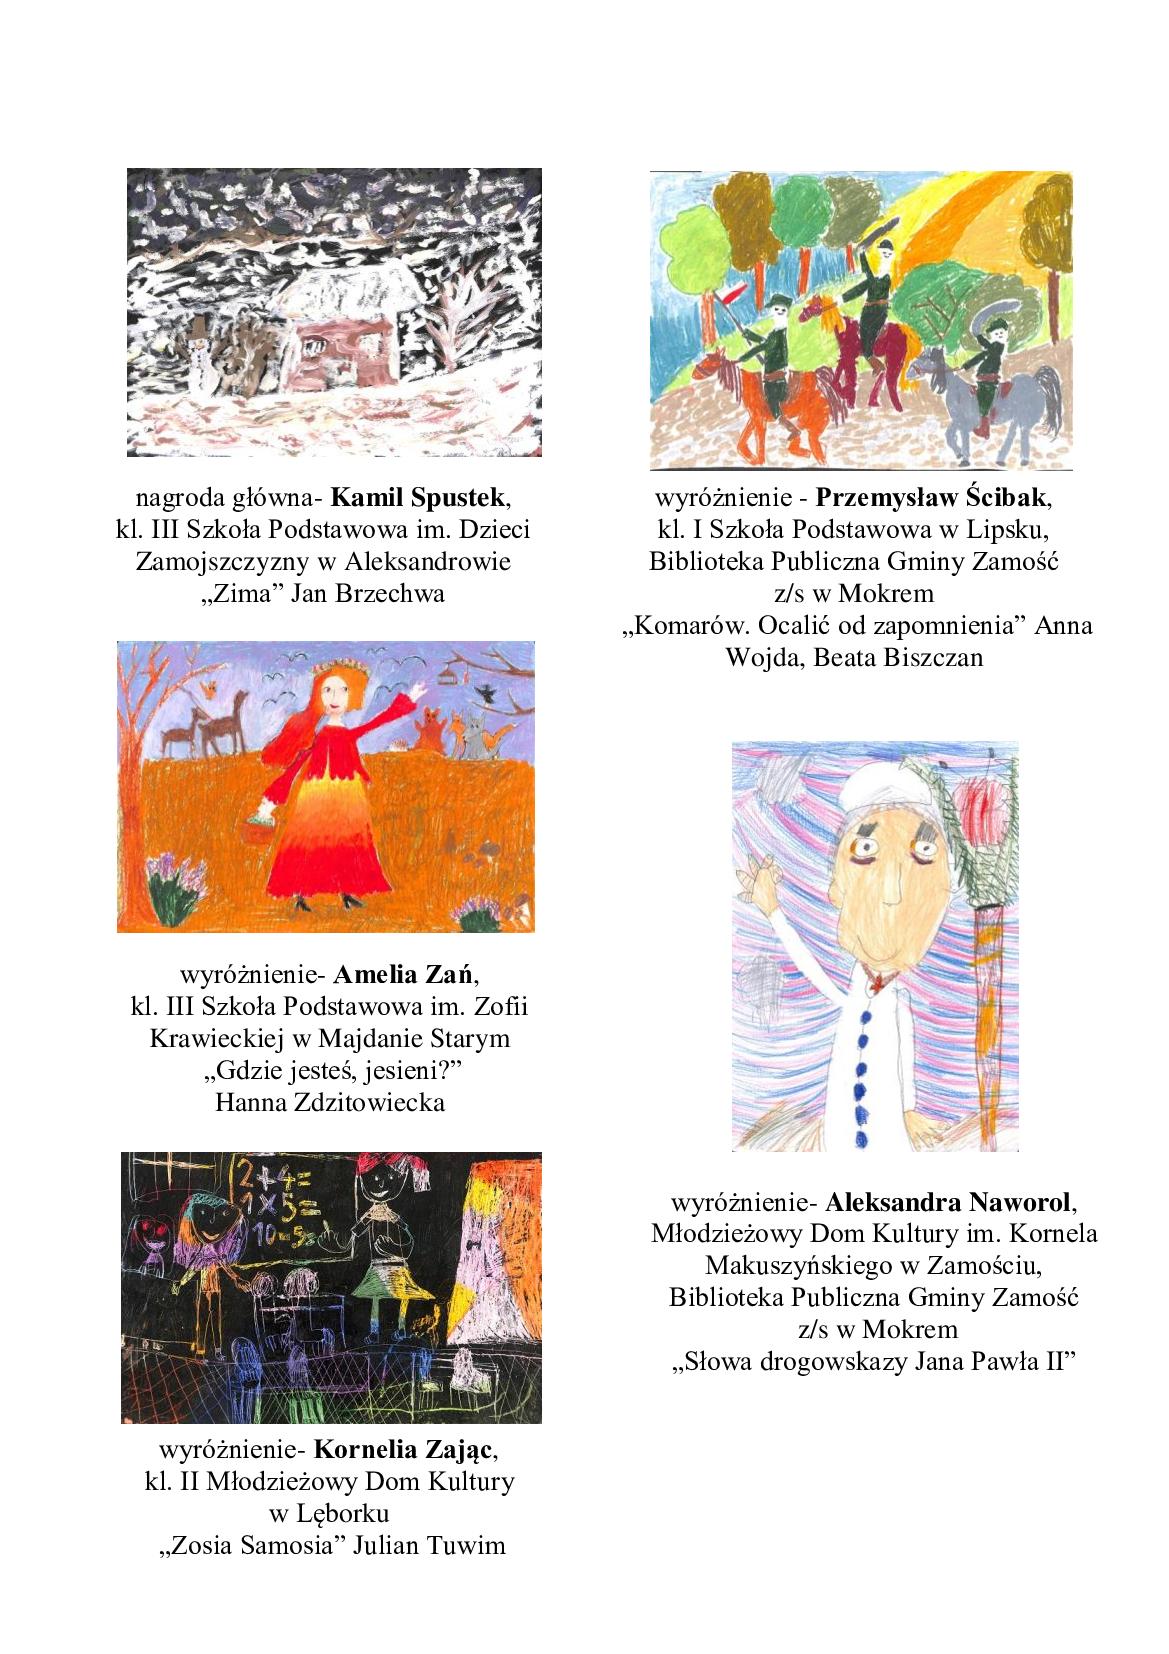 http://szkola.ealeksandrow.pl/files/pl/konkurs.jpg.pjp?noc=1622446202